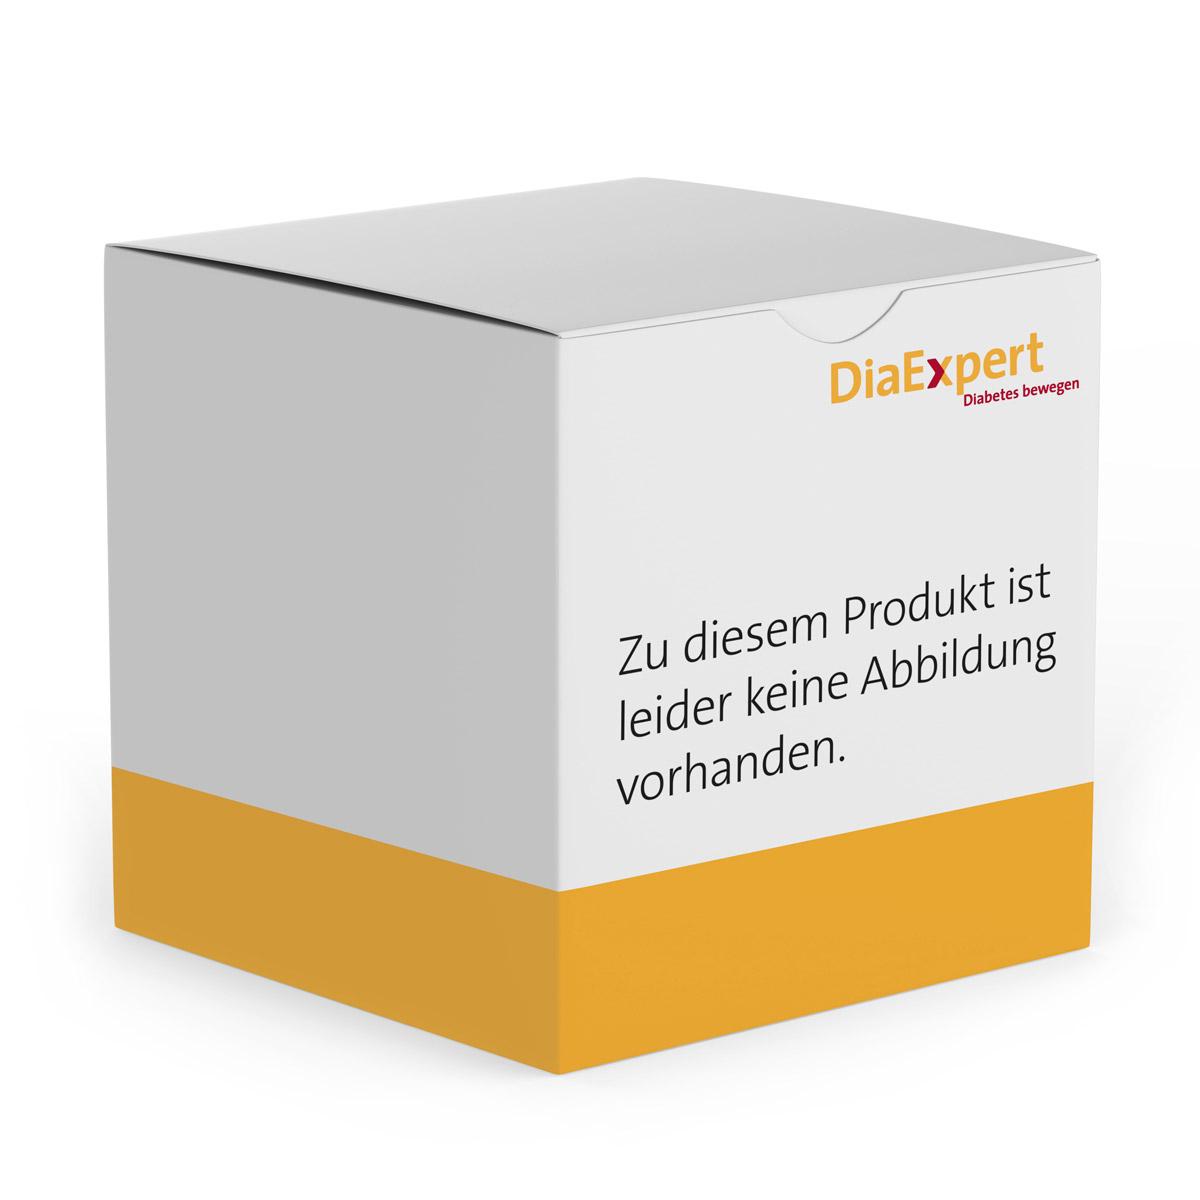 DiaExpert - Frühlingsfavoriten